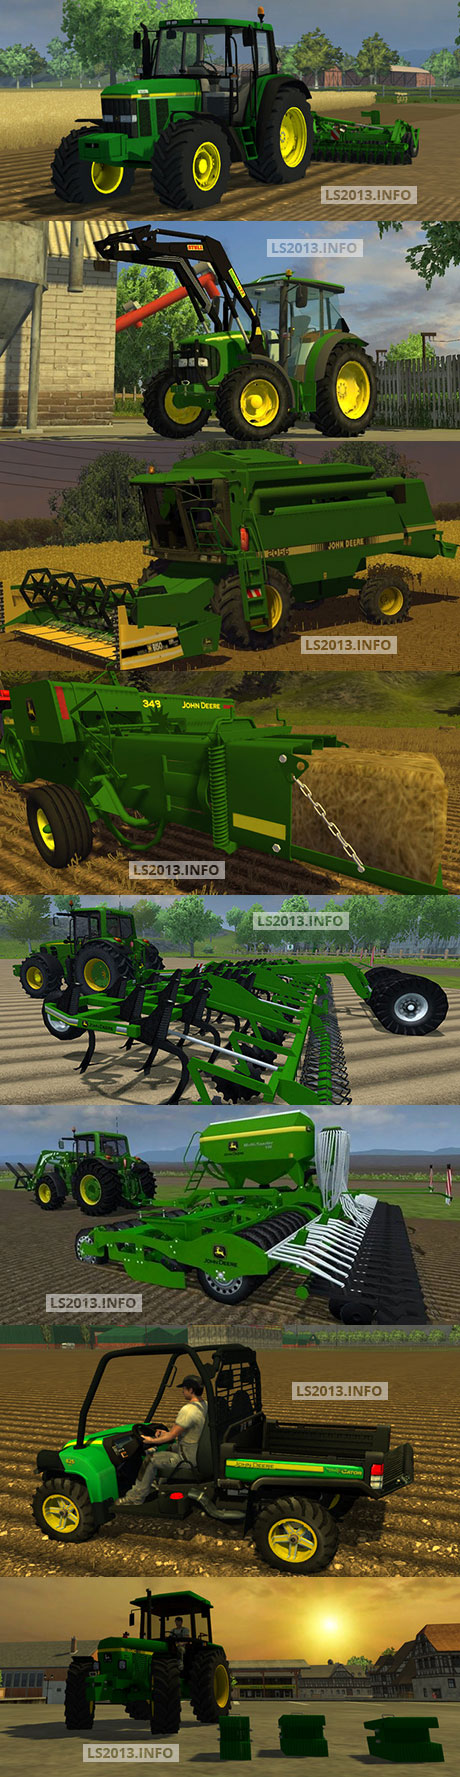 John Deere Agricultural Pack